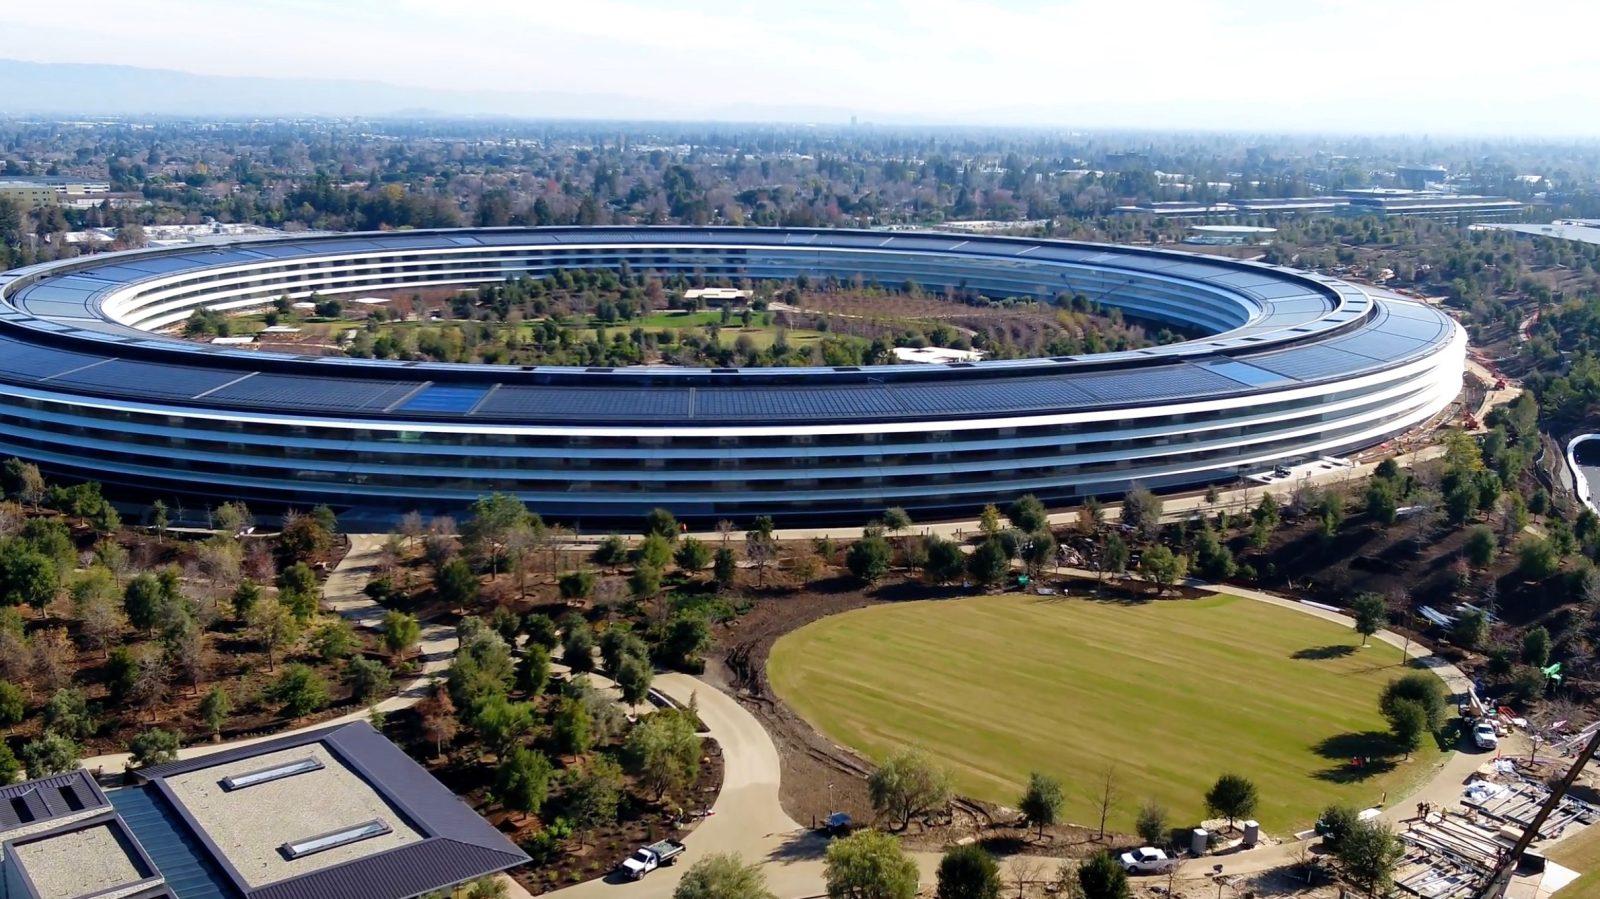 苹果新大楼 来源:苹果信息网站9to5Mac